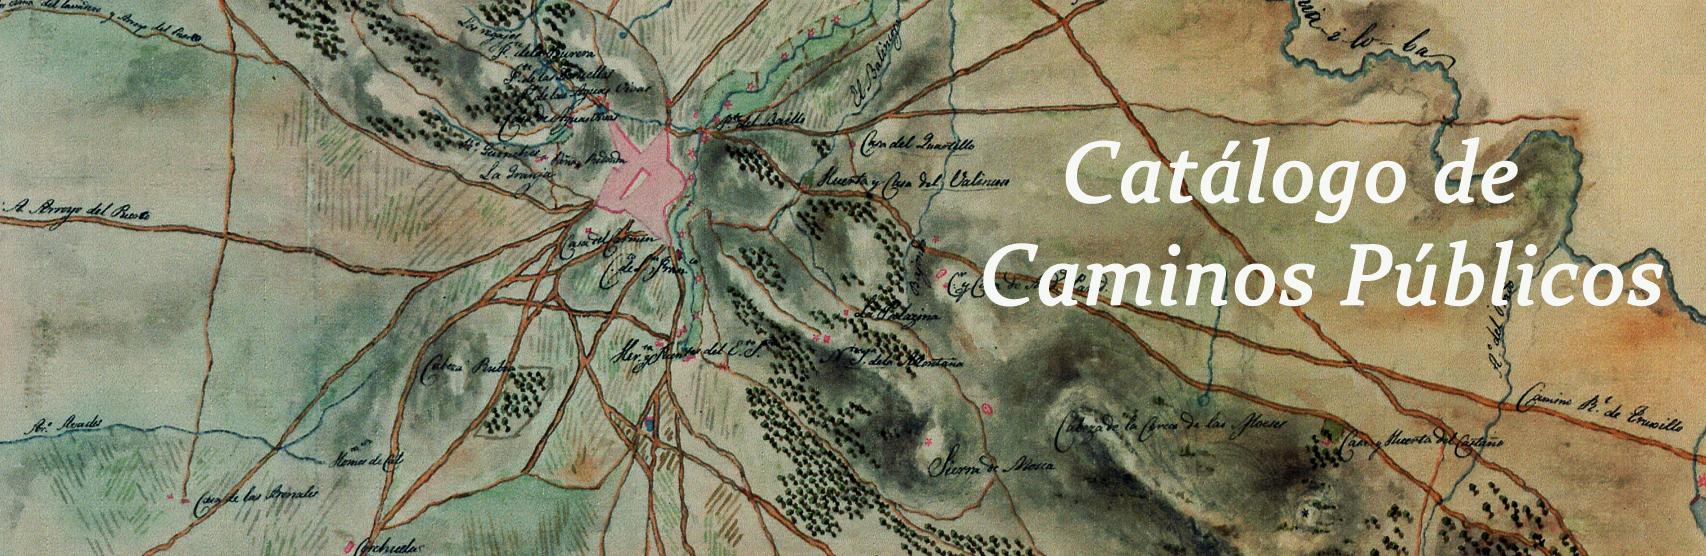 Aprobación provisional del catálogo de Caminos Públicos del Término Municipal de Cáceres.   Abierto periodo de alegaciones hasta el 29/11/2015